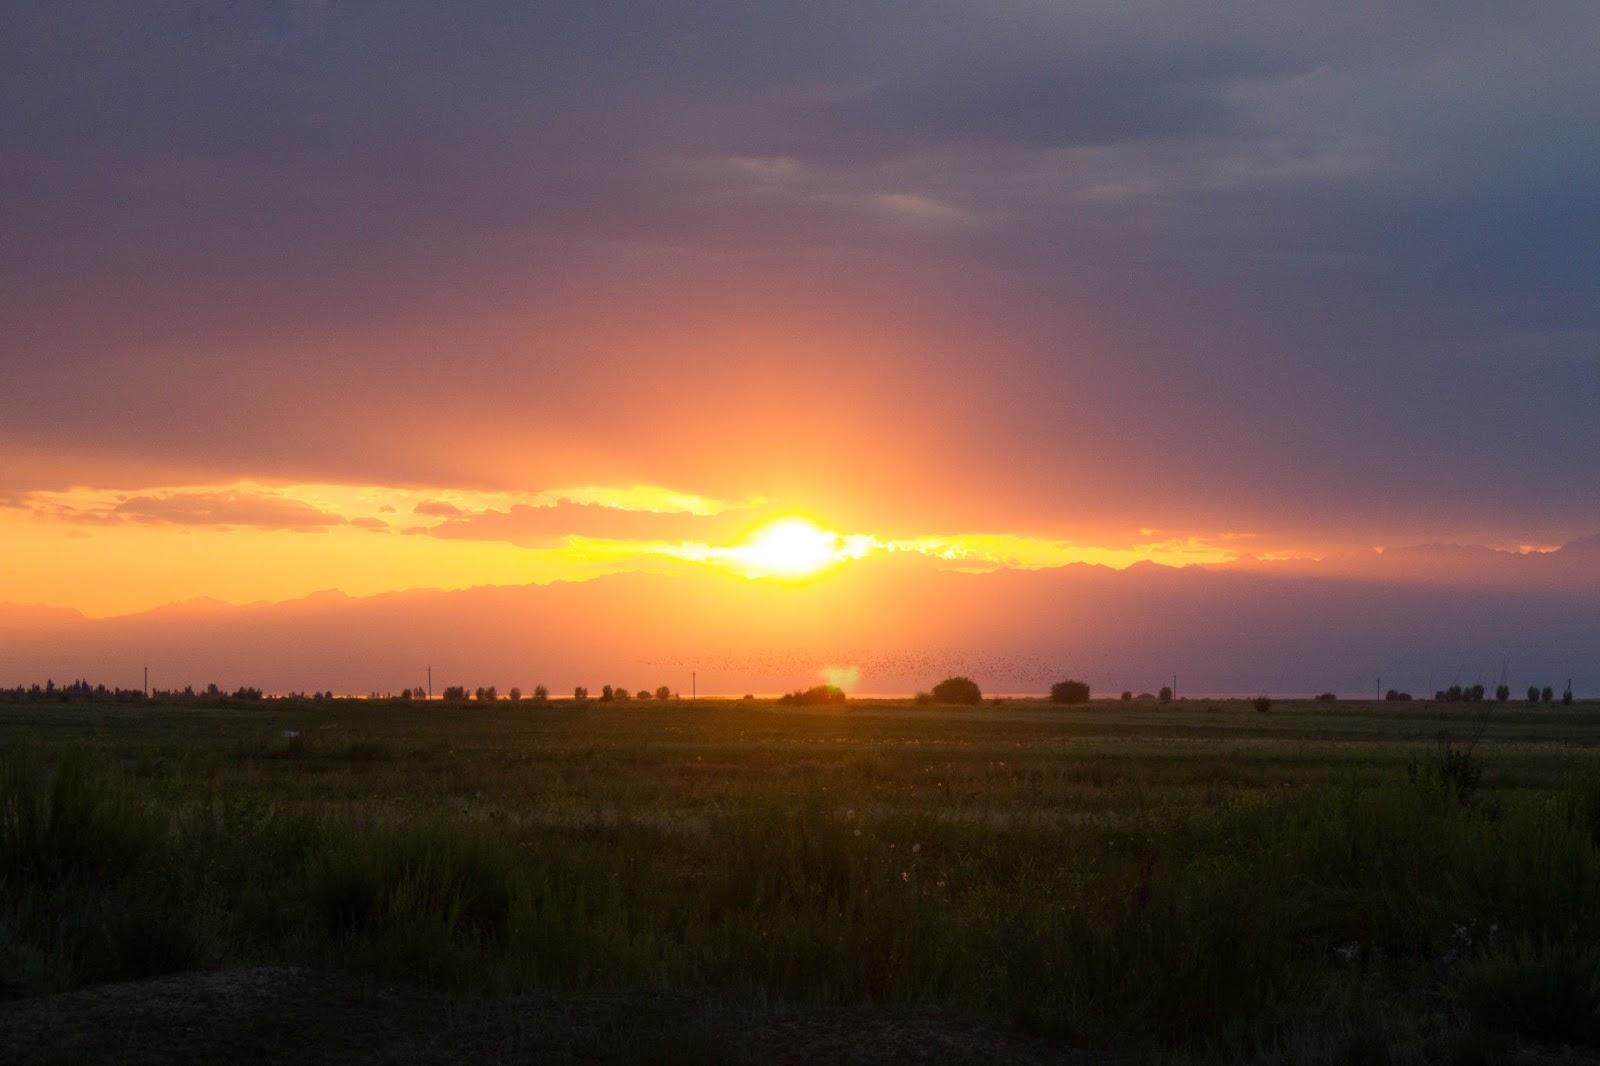 Кыргызстан, Джеты-Огуз, Иссык-Куль, закат